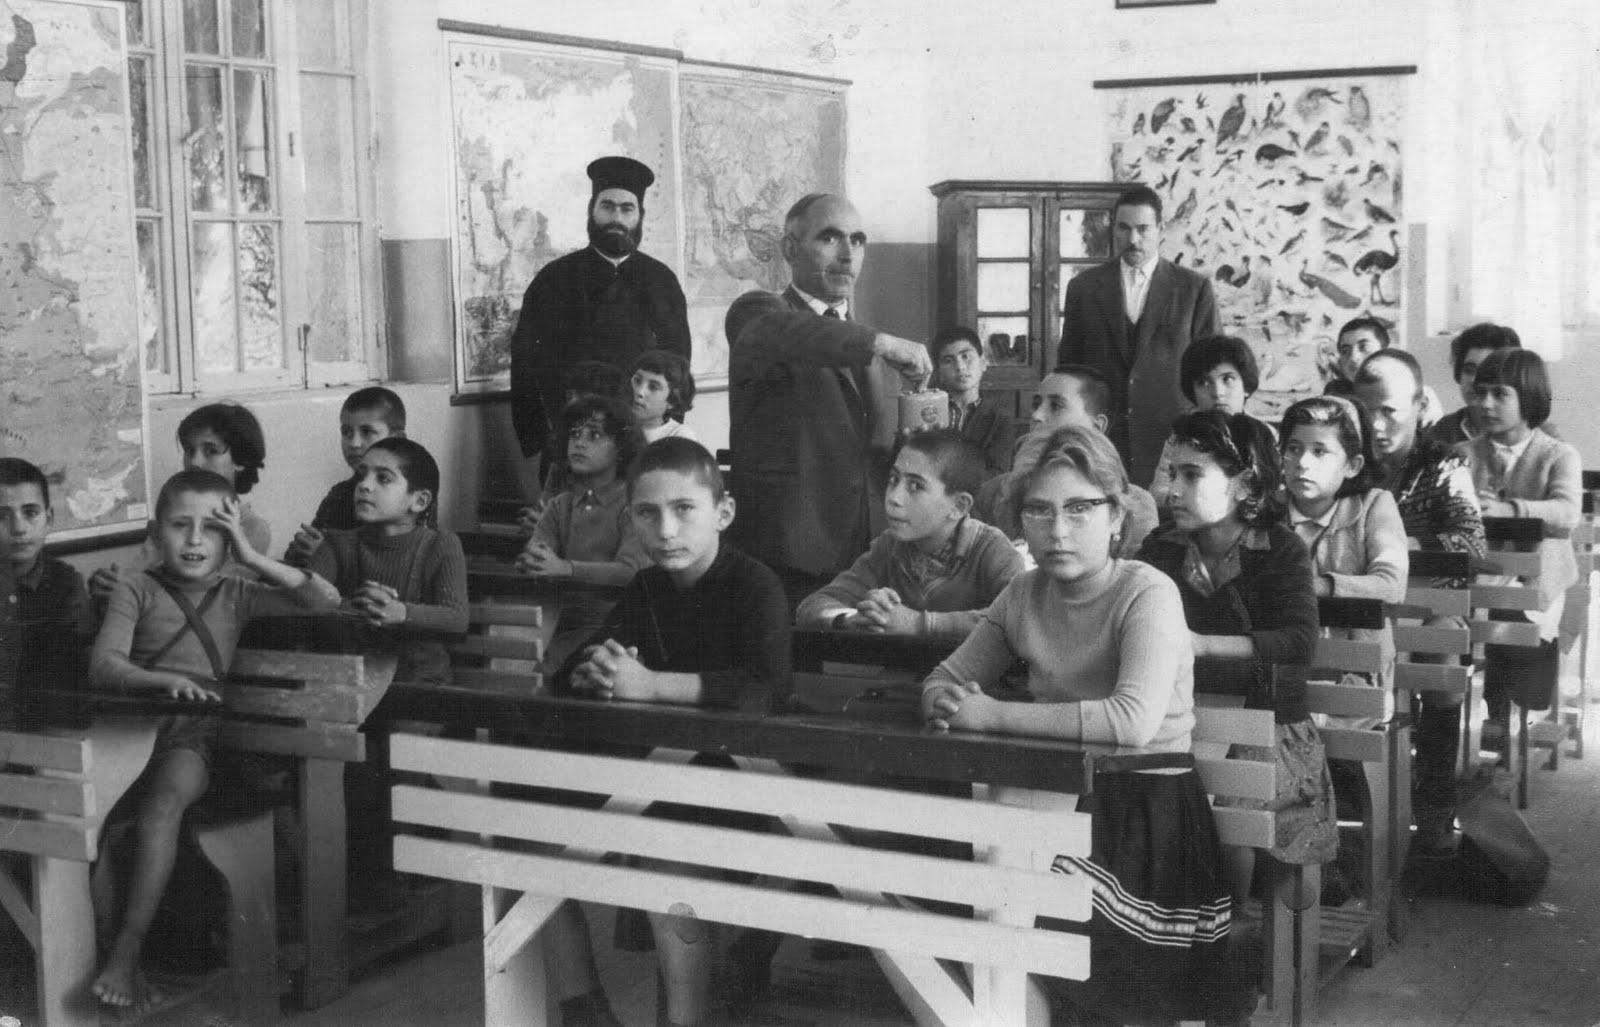 1963 Δημ. Σχολείο (δάσκαλος Μπουλούκης).jpg